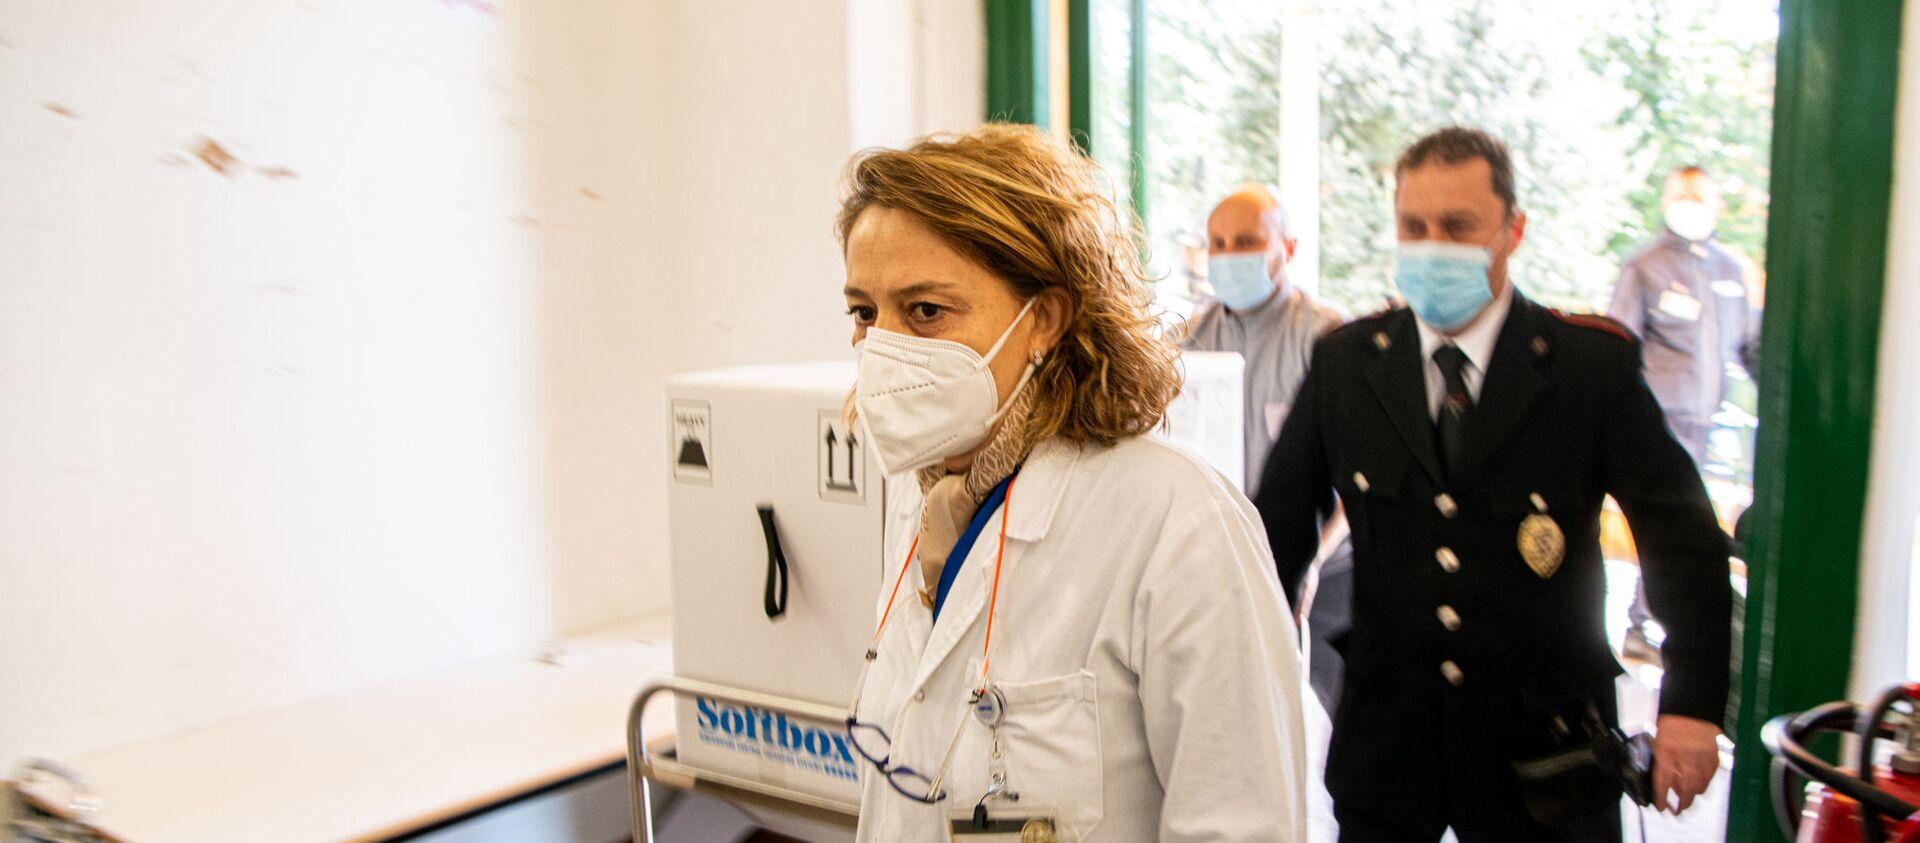 Consegna Vaccini Pfizer all'Ospedale Santa Maria della Pietà a Roma - Sputnik Italia, 1920, 14.04.2021